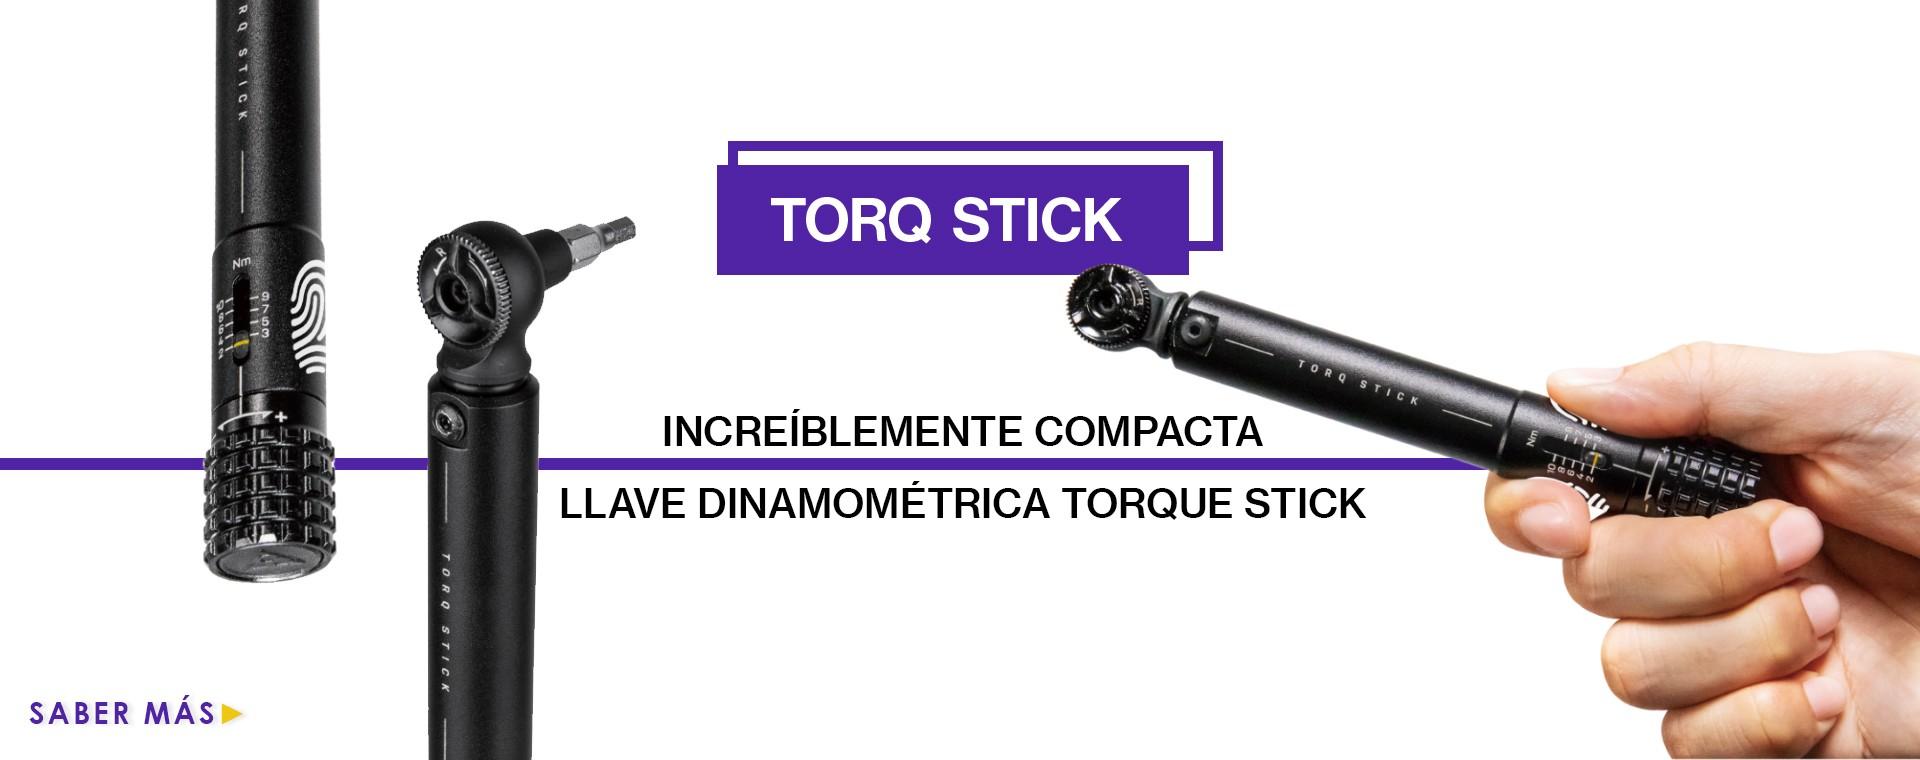 Torq Stick